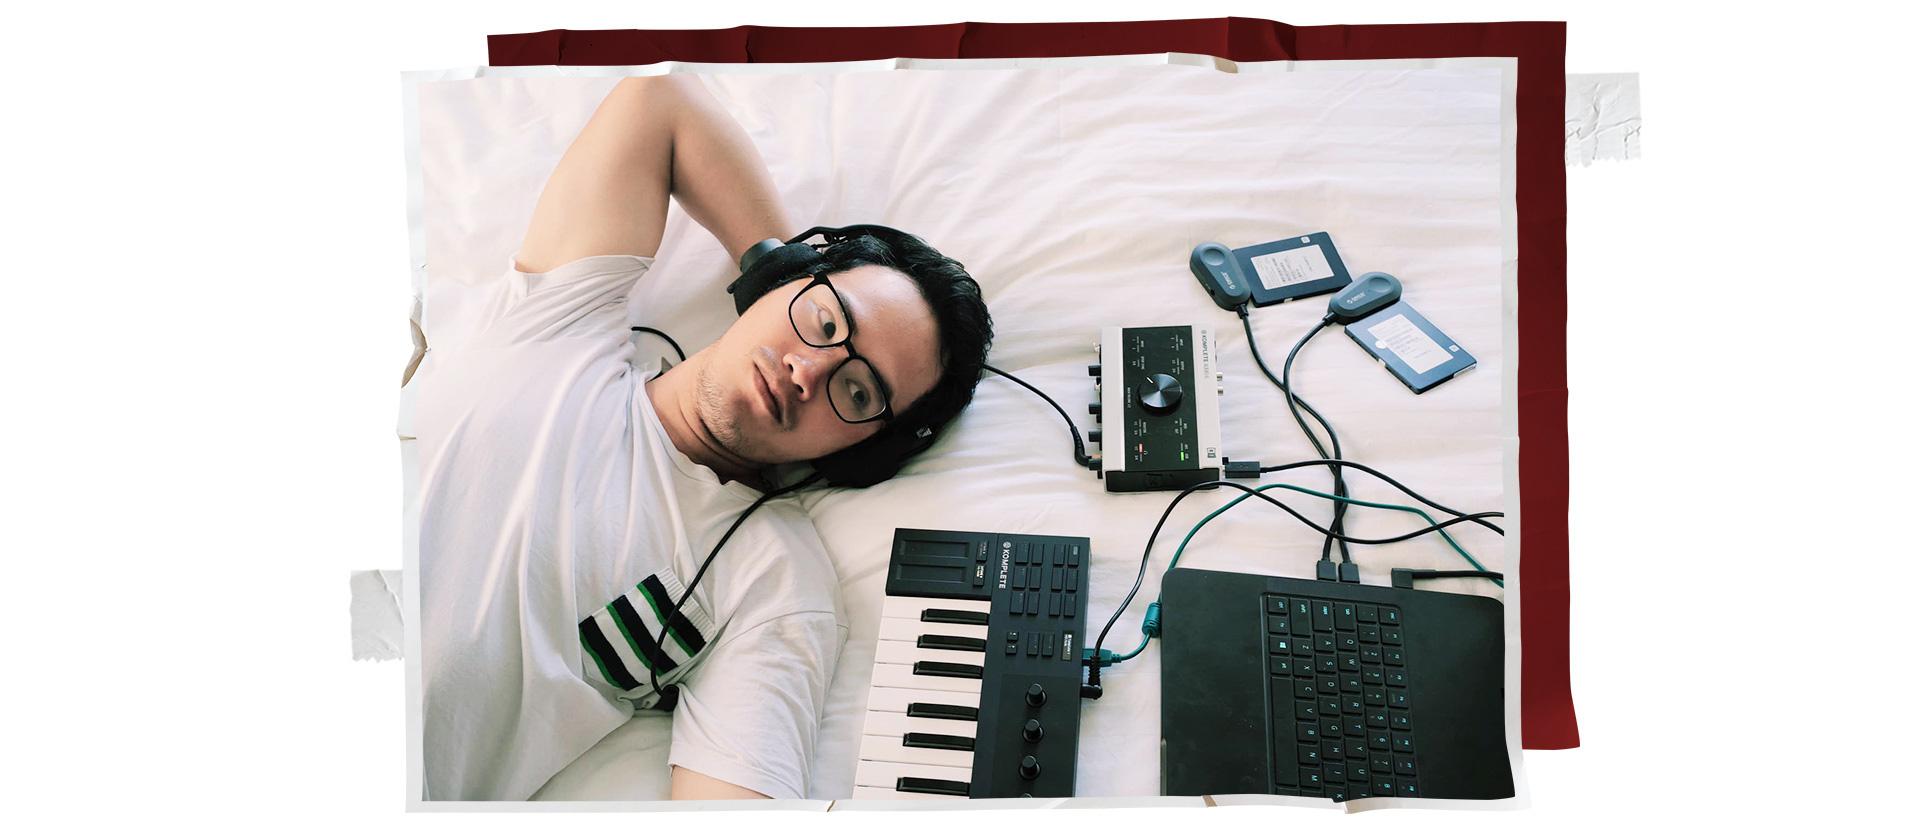 Tác giả Ghen Cô Vy: Nhạc của tôi mang linh hồn Việt song không khác gì nhạc tiếng Anh - Ảnh 4.